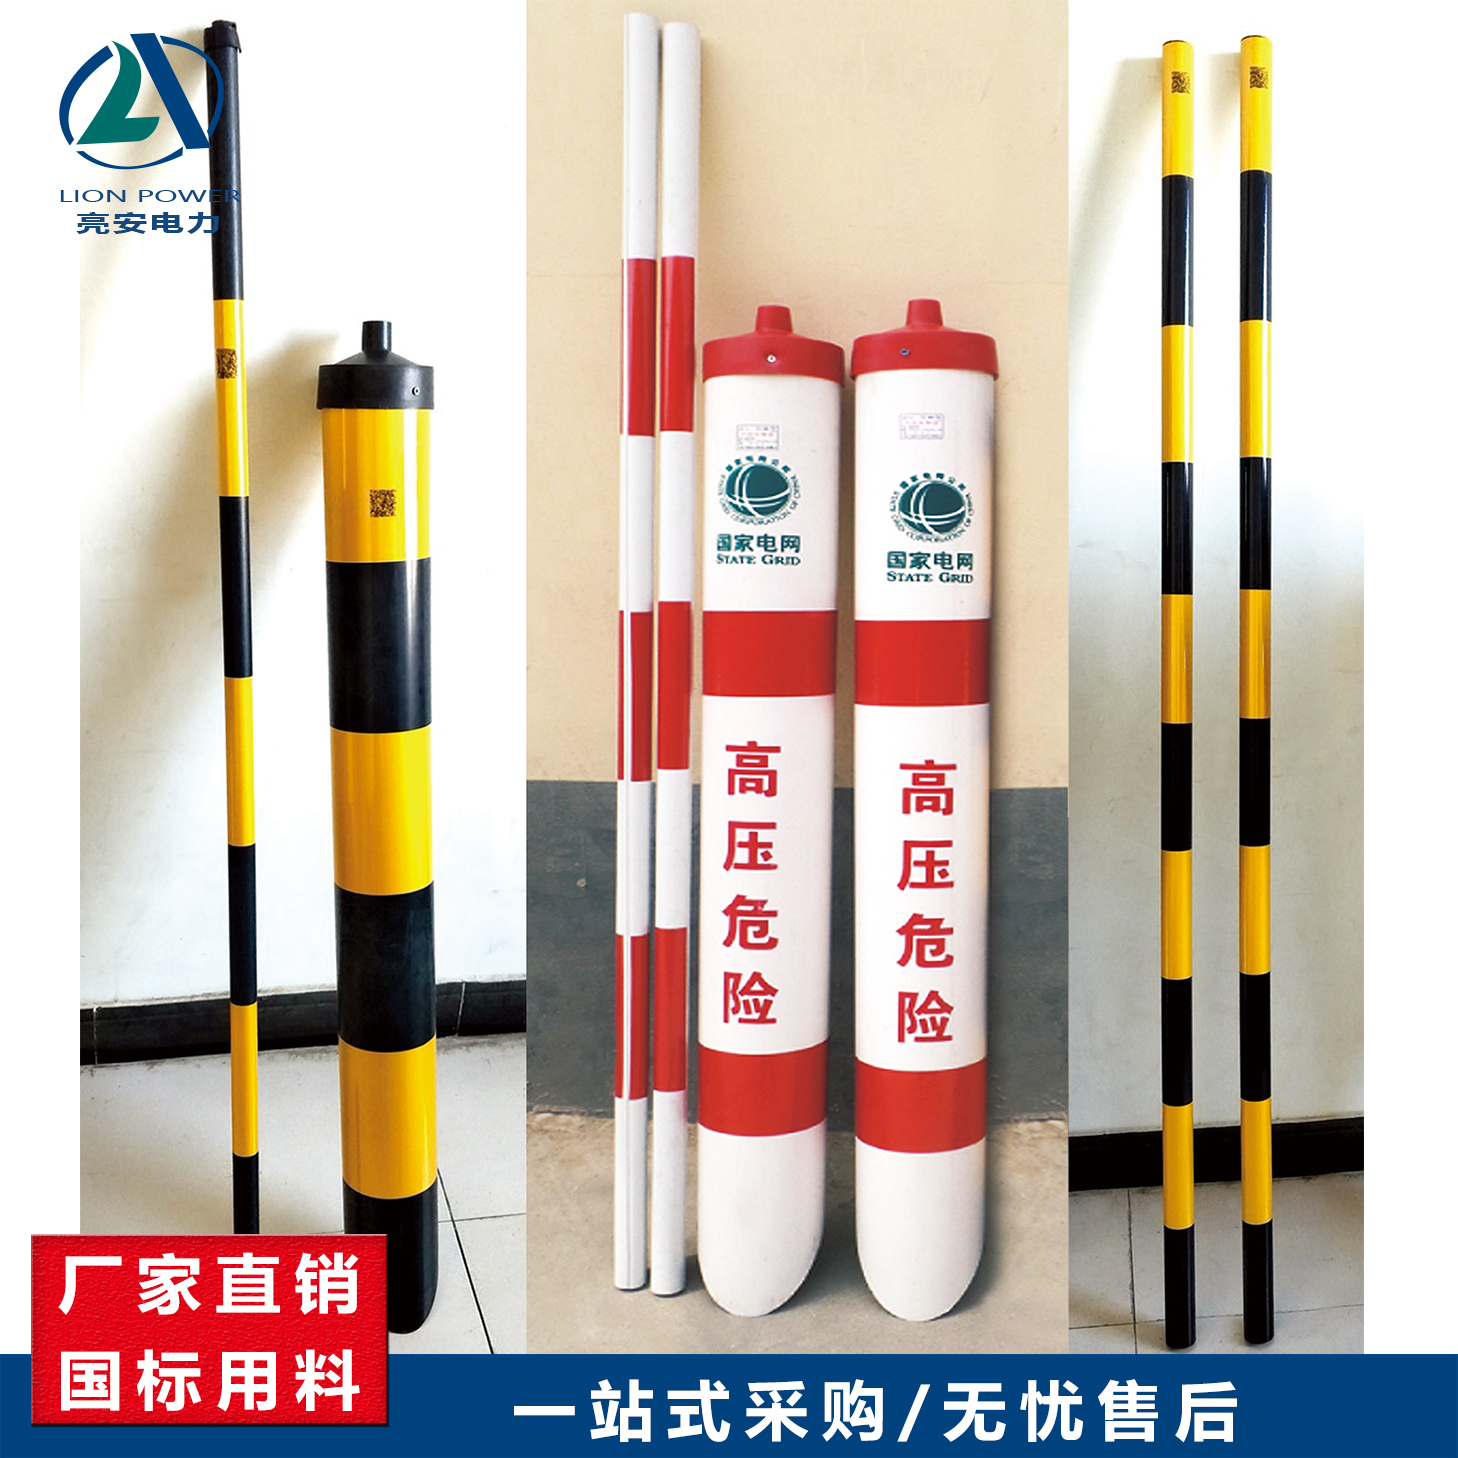 厂家直销 优质PVC光缆过路反光警示管 电力拉线保护套拉线警示管